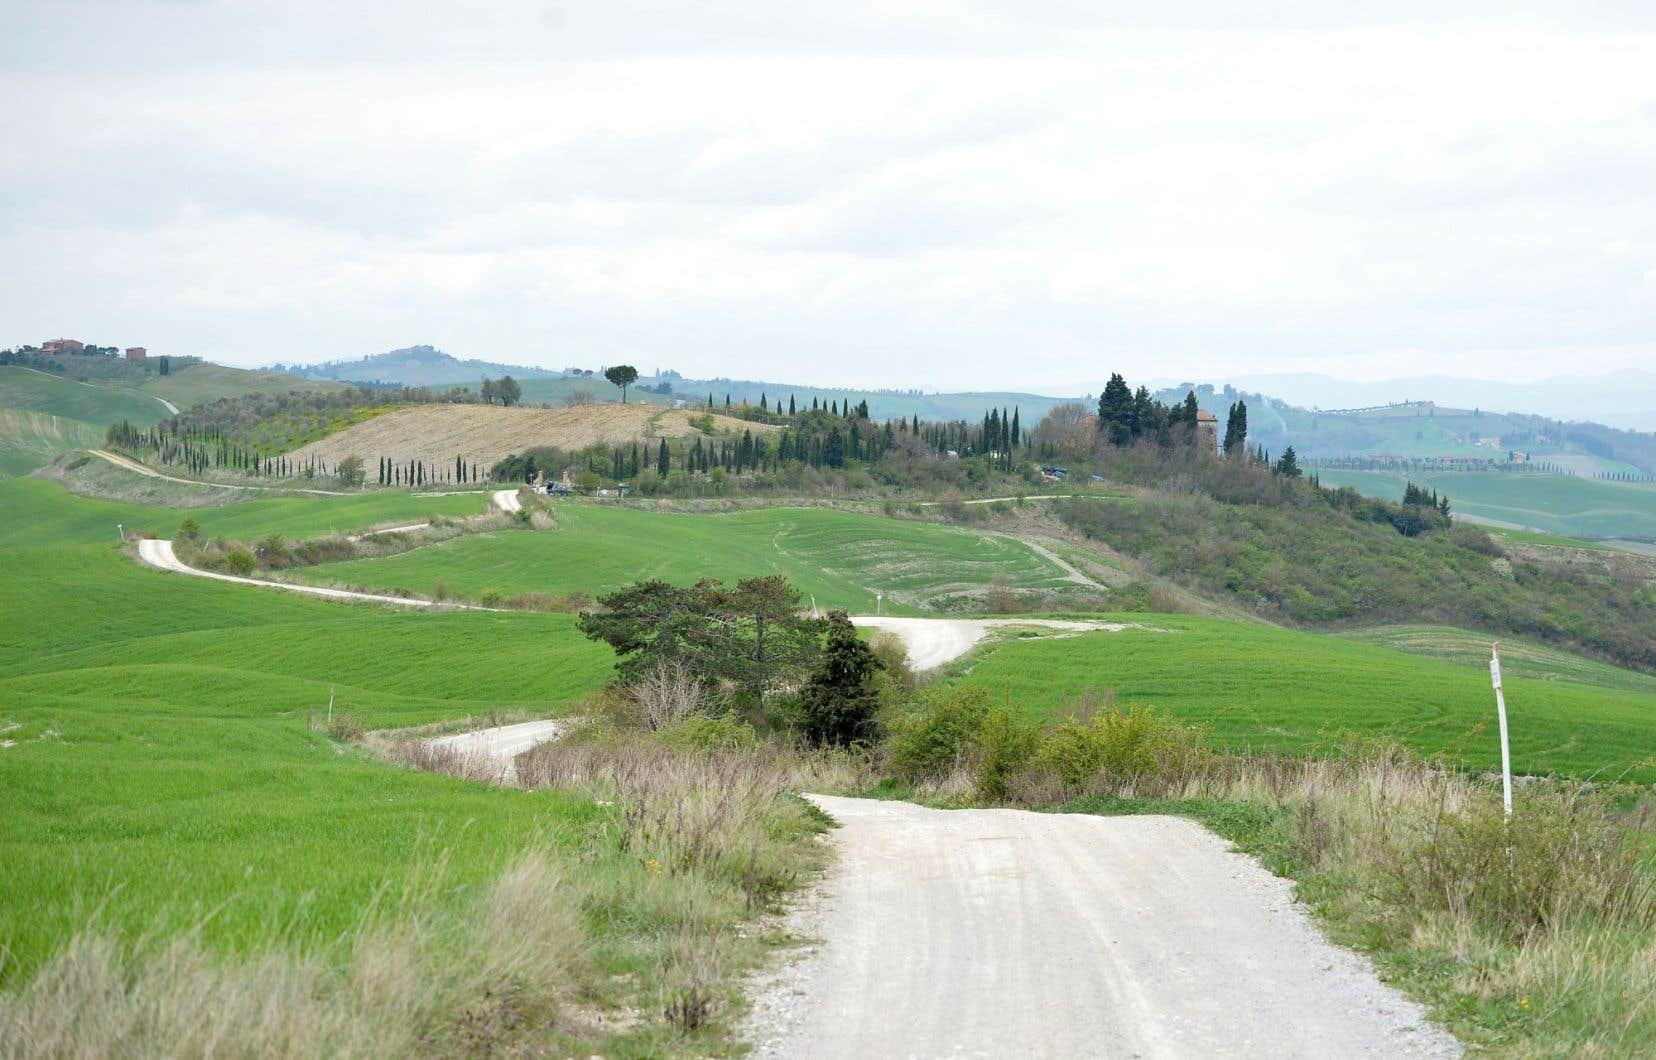 Un paysage de la région toscane Crete Senesi, en Italie.